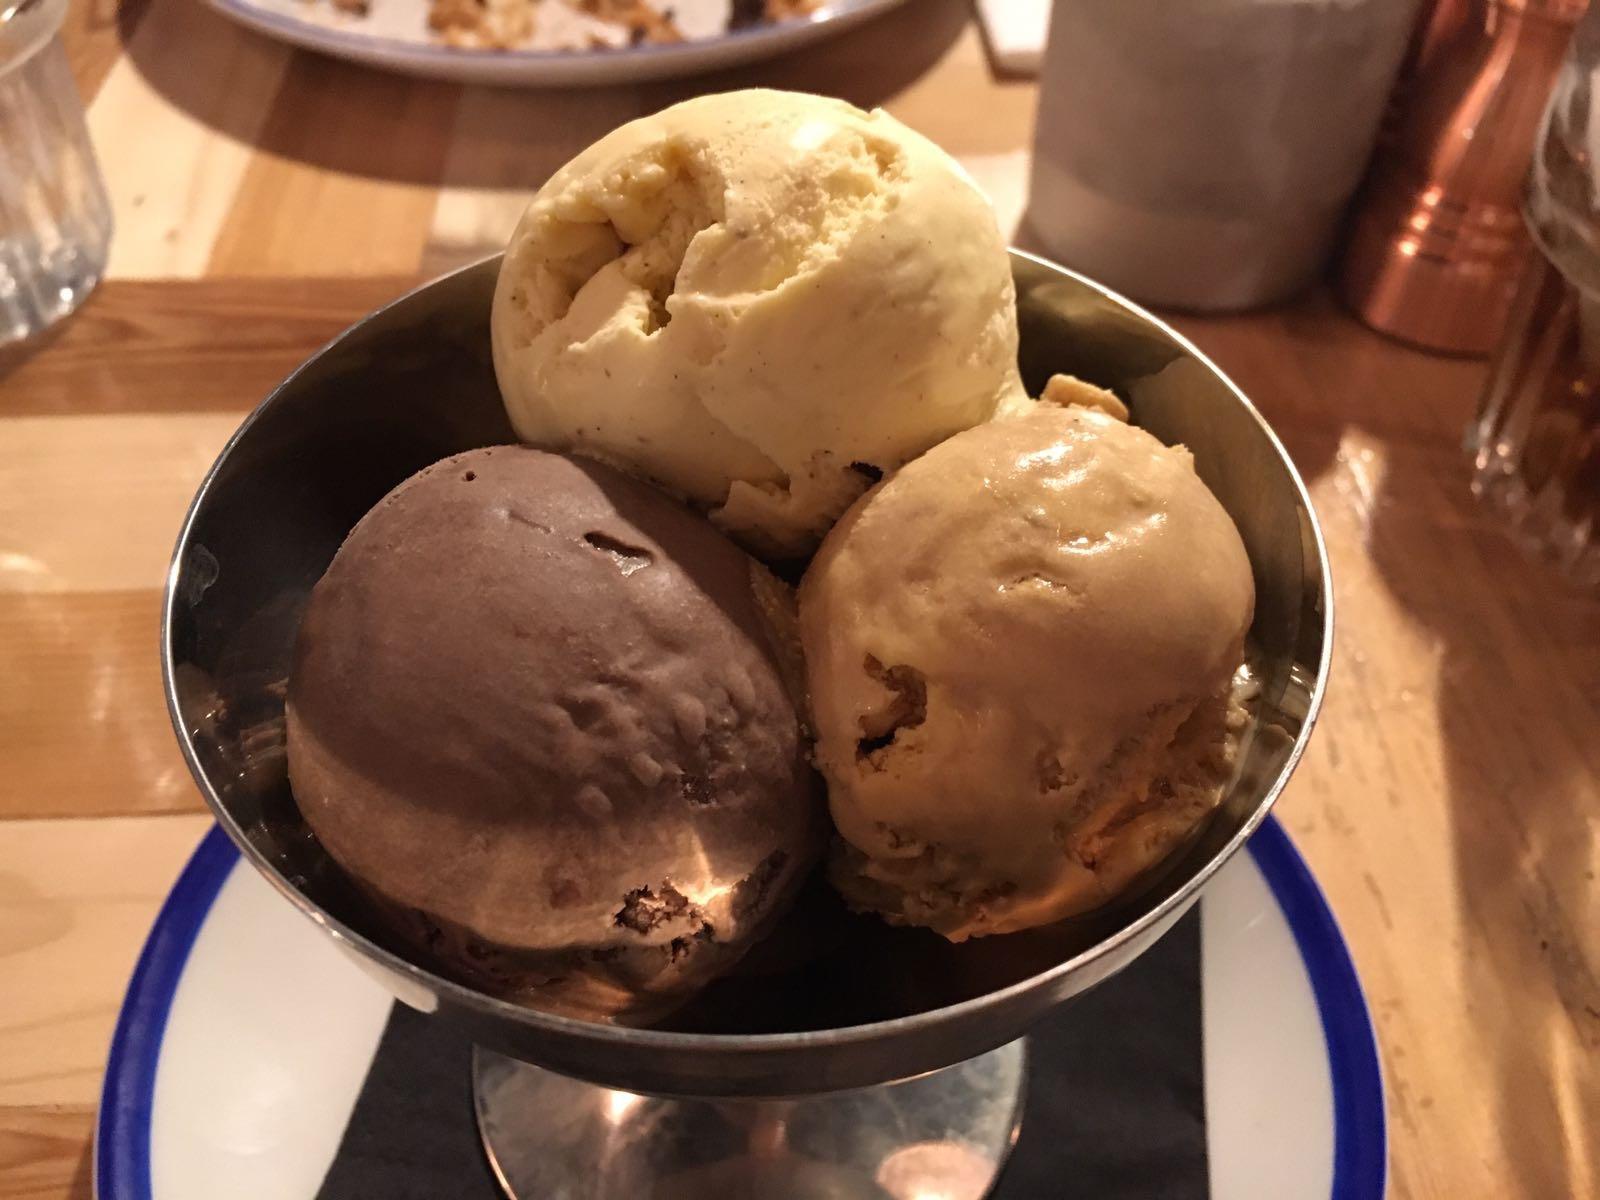 The Wheatsheaf 3 Scoop Ice Cream Coupe